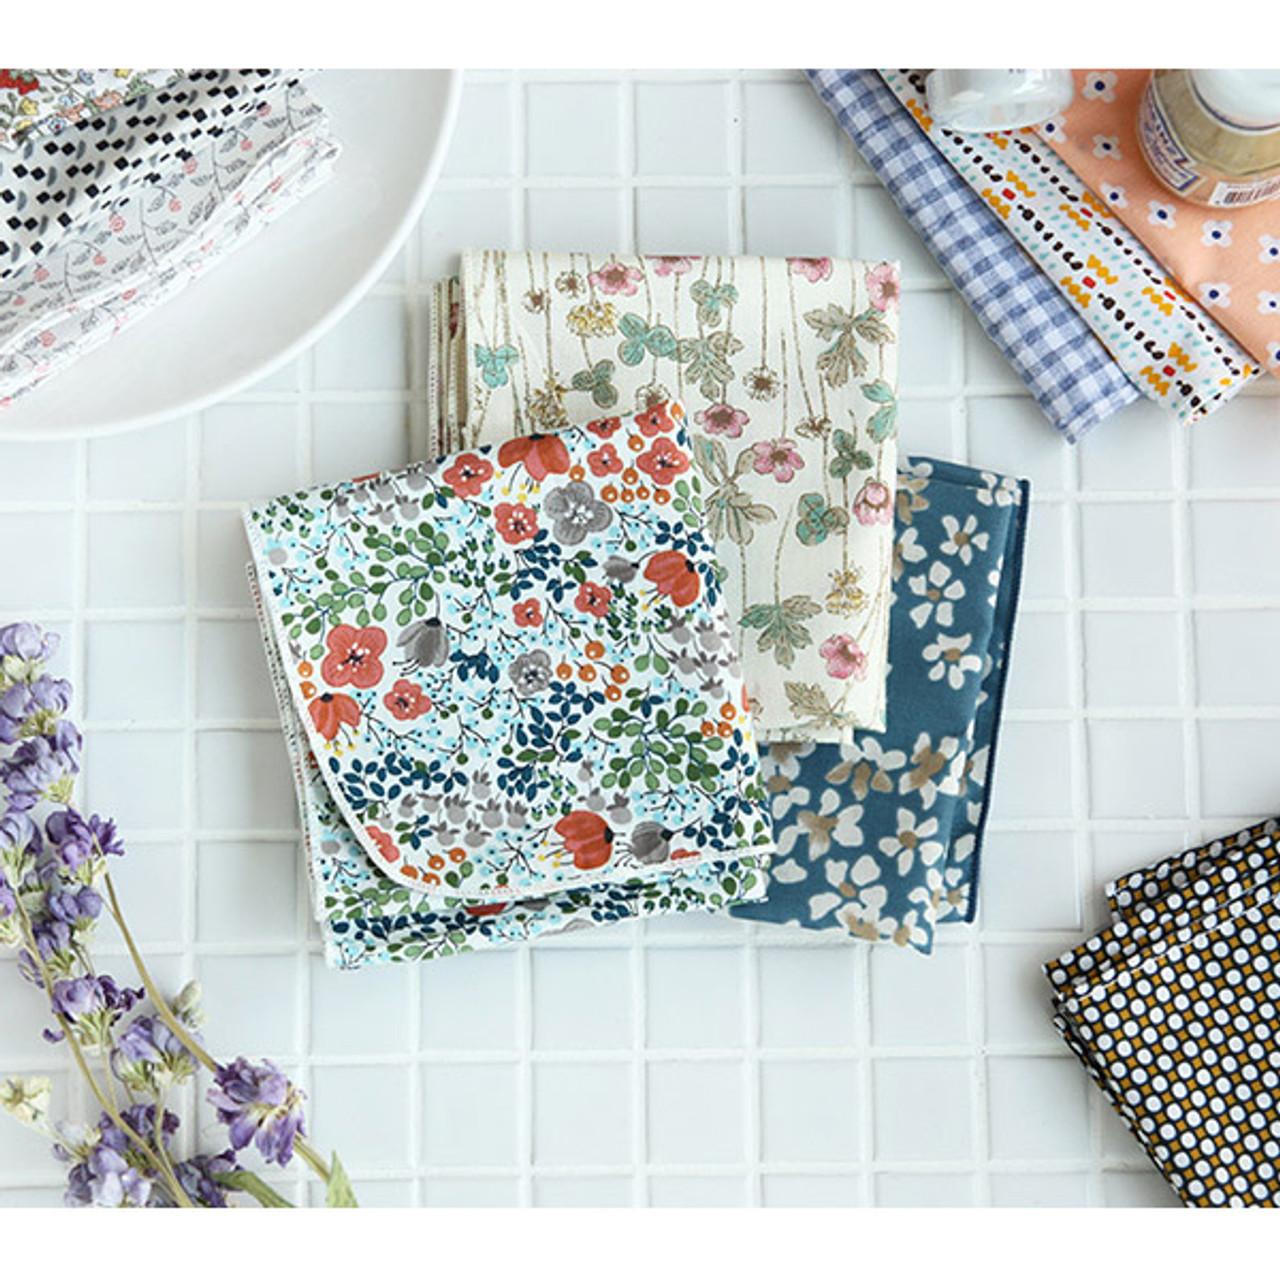 Livework Pattern Heimish Cotton Handkerchief Hankie